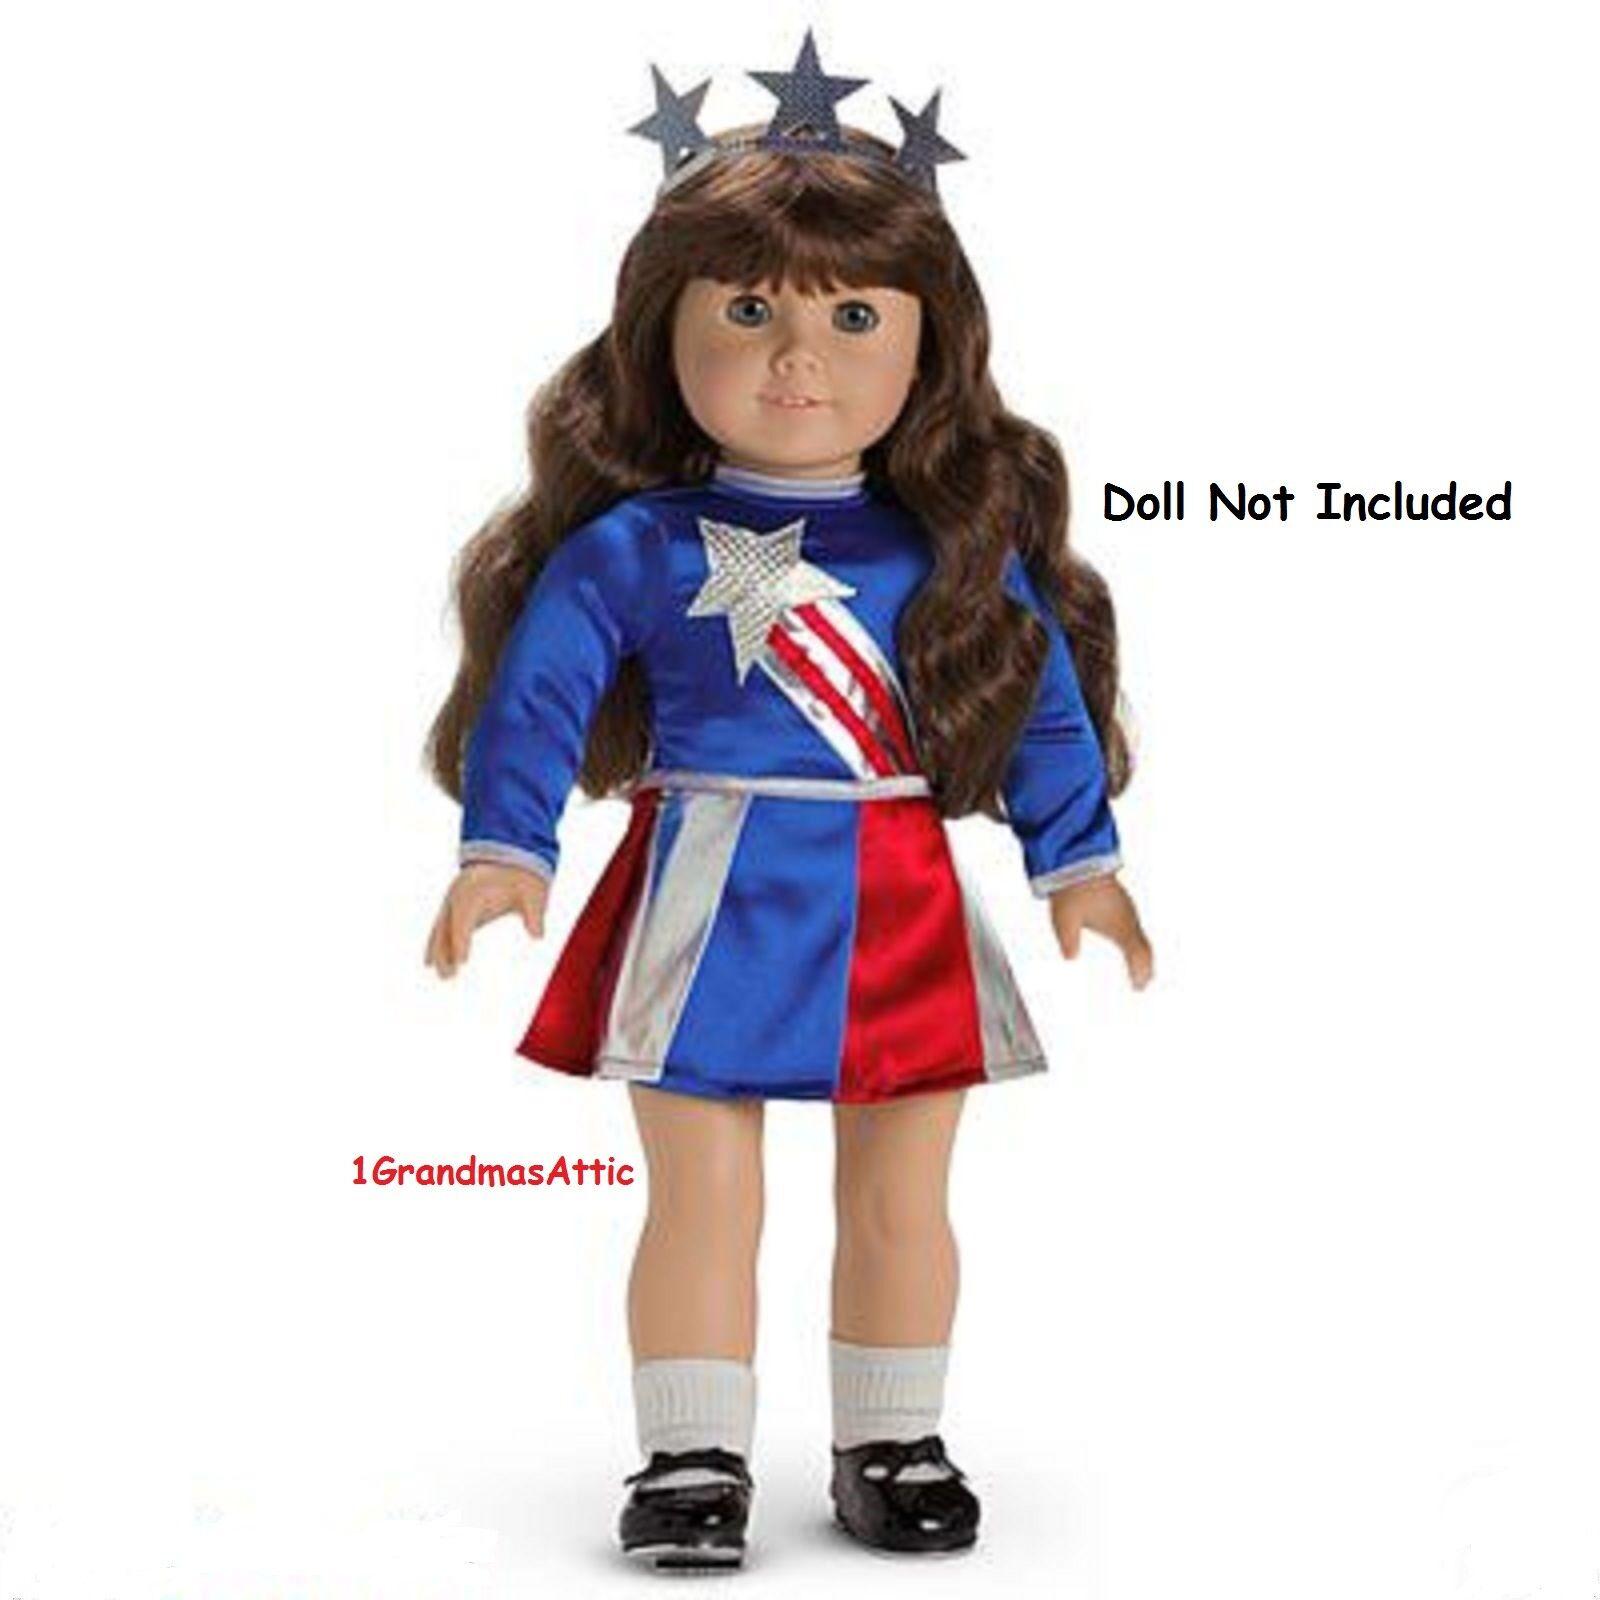 American Girl Molly Rubinetto Vestito Pennino  Disegna Miss Victory Ritirato  servizio onesto